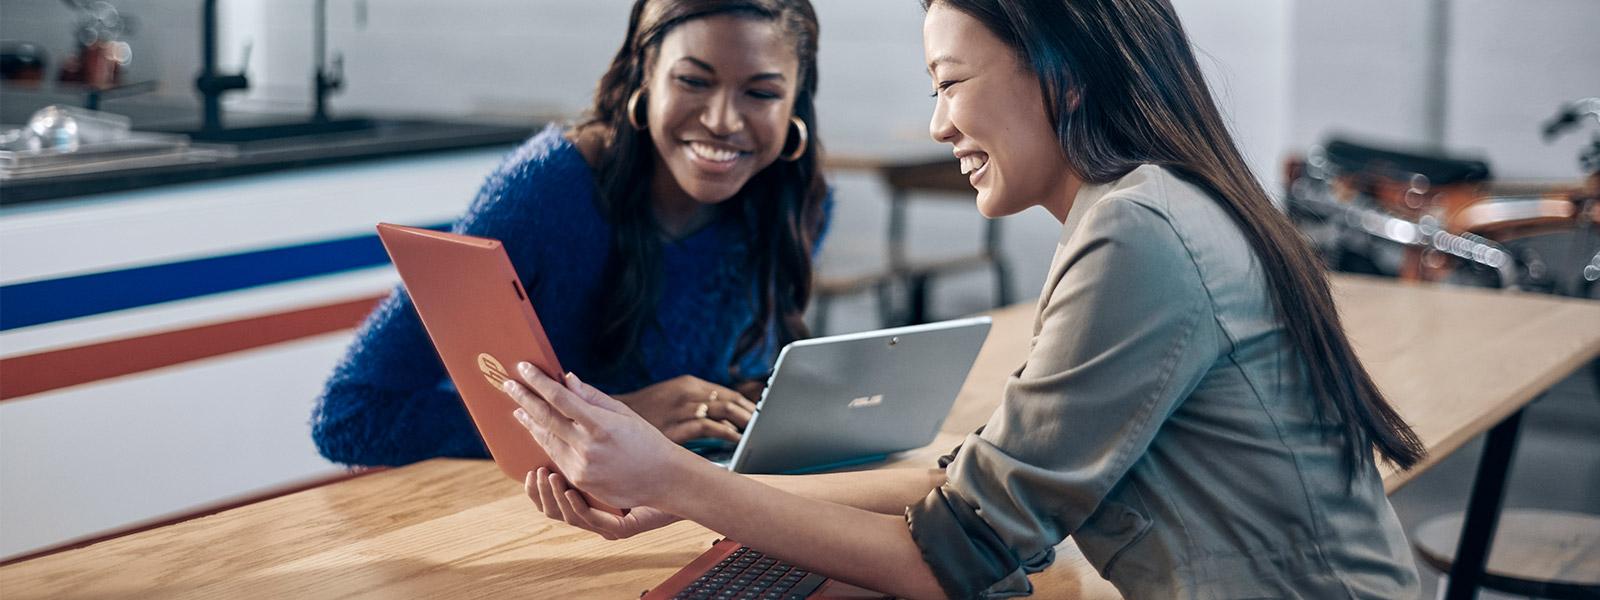 Hai người phụ nữ đang ngồi tại bàn. Một người giơ cao màn hình máy tính bảng để cả hai cùng nhìn chung.